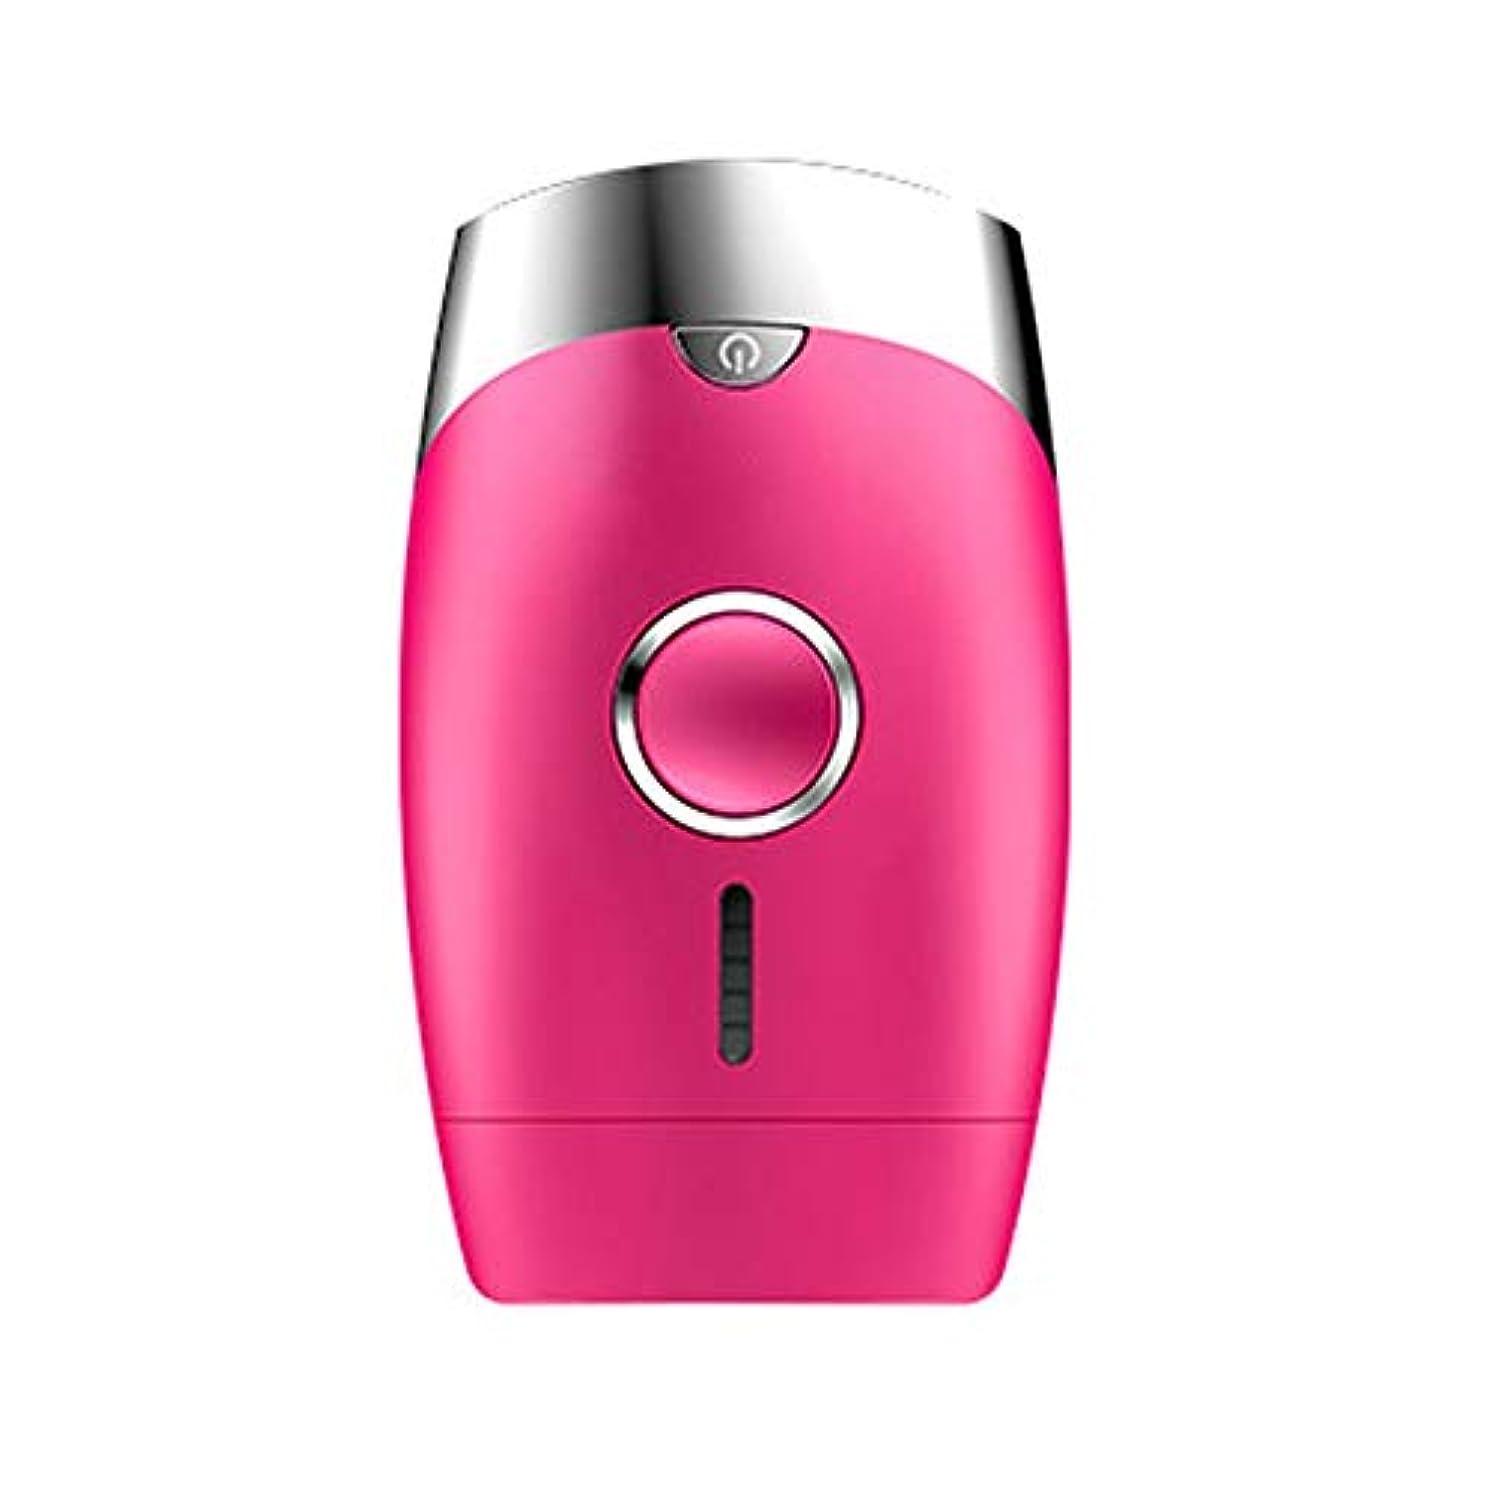 ネイティブ妥協ネイティブダパイ ピンク、5スピード調整、インテリジェント家庭用痛みのない凝固点ヘアリムーバー、シングルフラッシュ/連続フラッシュ、サイズ13.9 X 8.3 X 4.8 Cm U546 (Color : Pink)